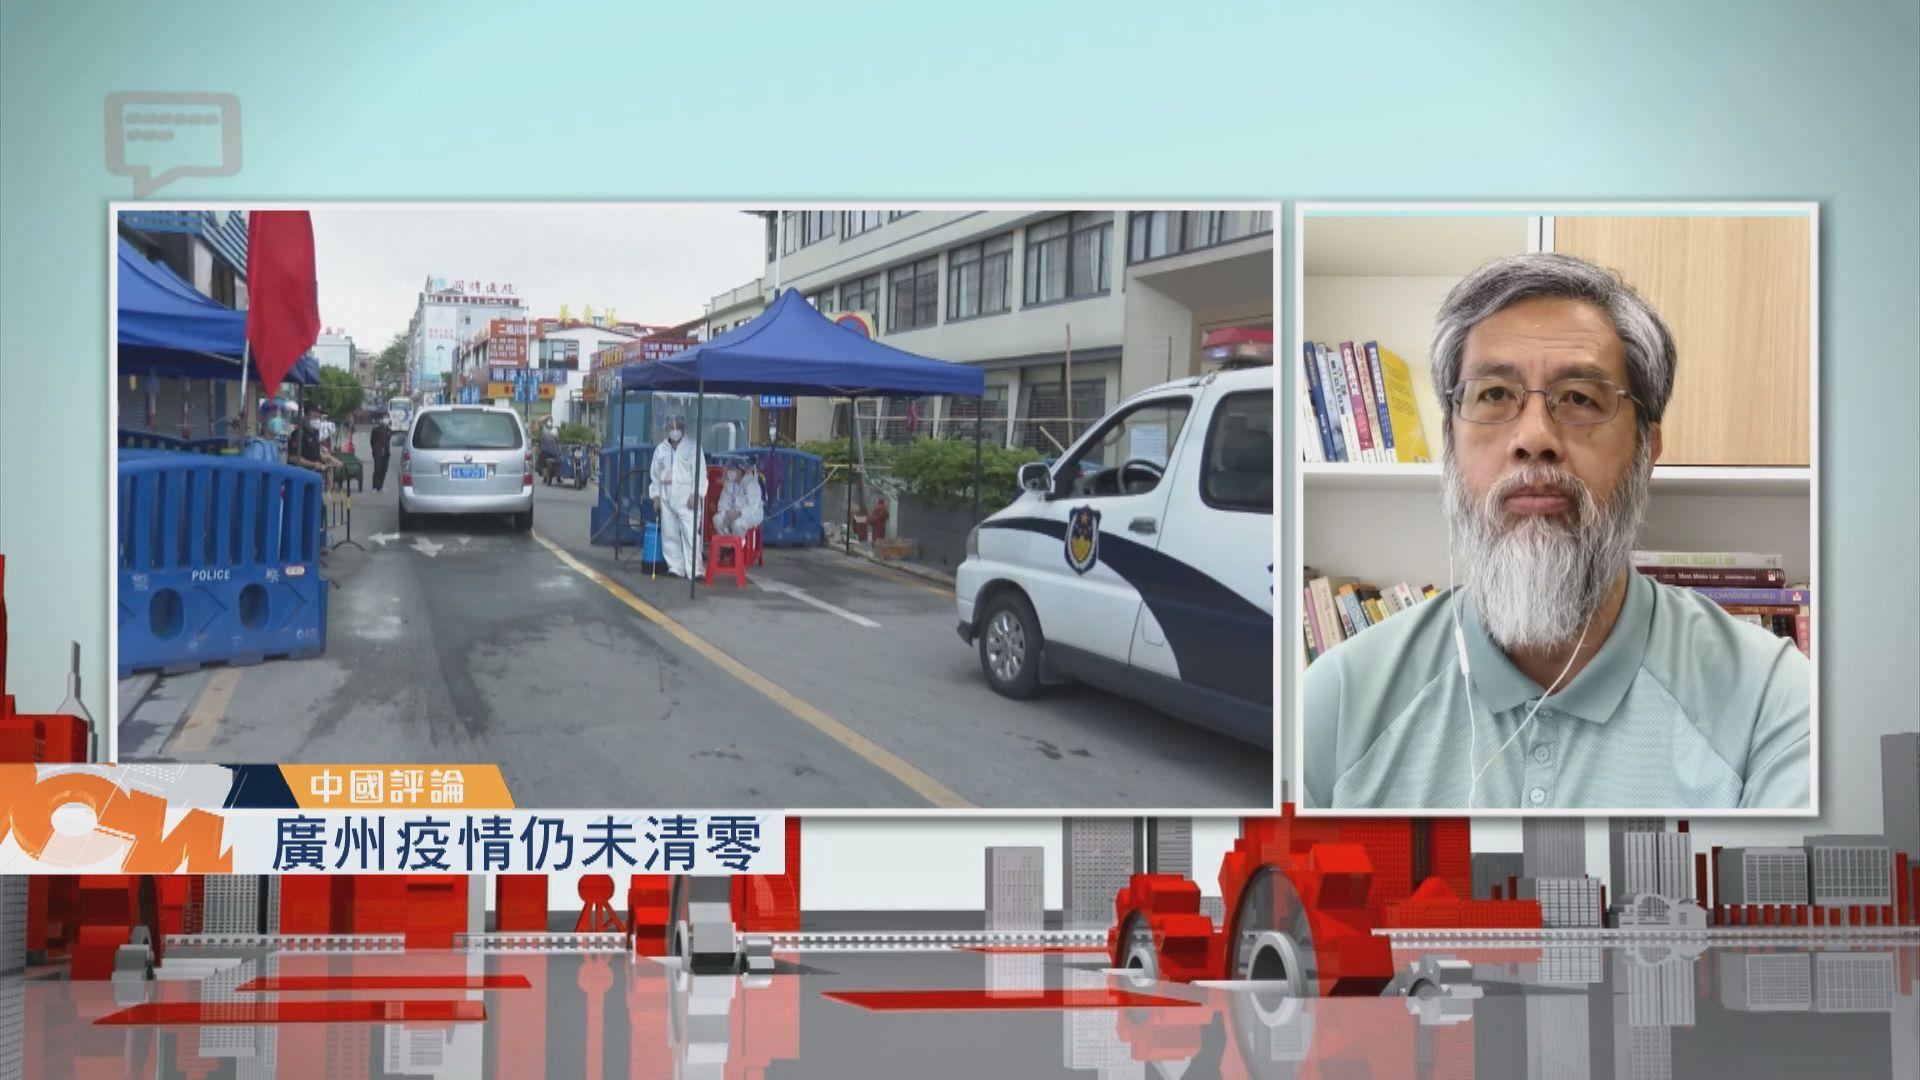 【中國評論】廣州疫情未清零/二級學院學生禁錮院長30小時